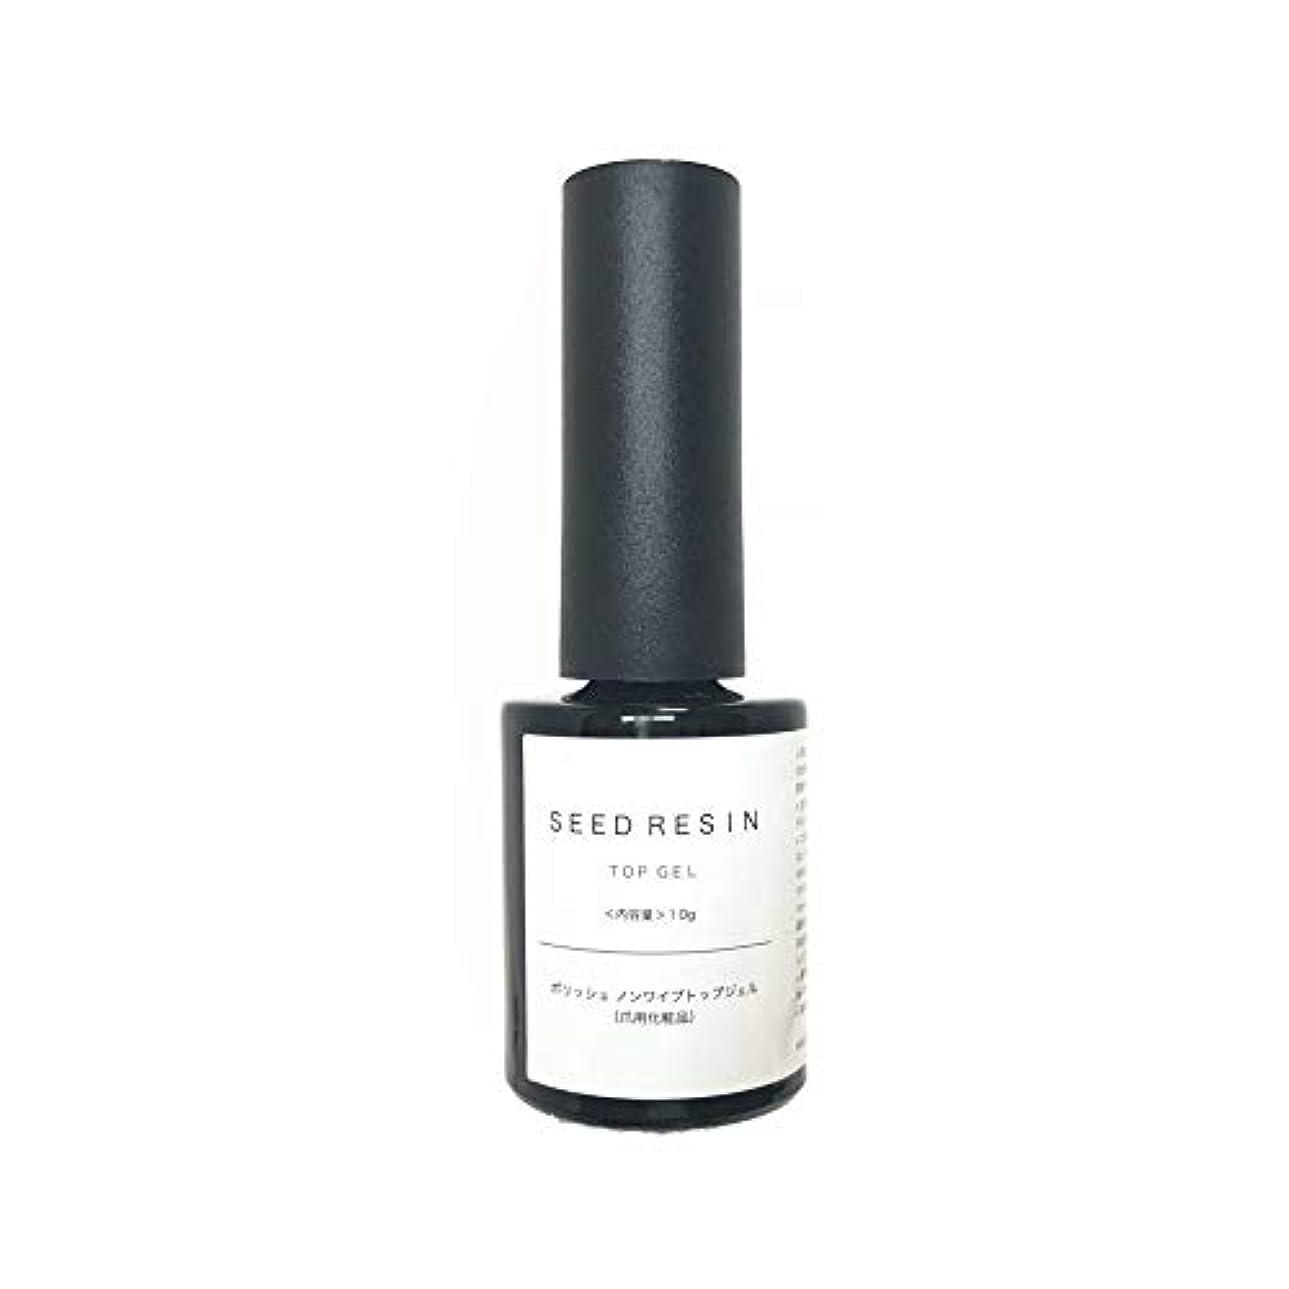 エレクトロニック寛大なアレキサンダーグラハムベルSEED RESIN(シードレジン) ジェルネイル ポリッシュ ノンワイプ トップジェル 10g 爪用化粧品